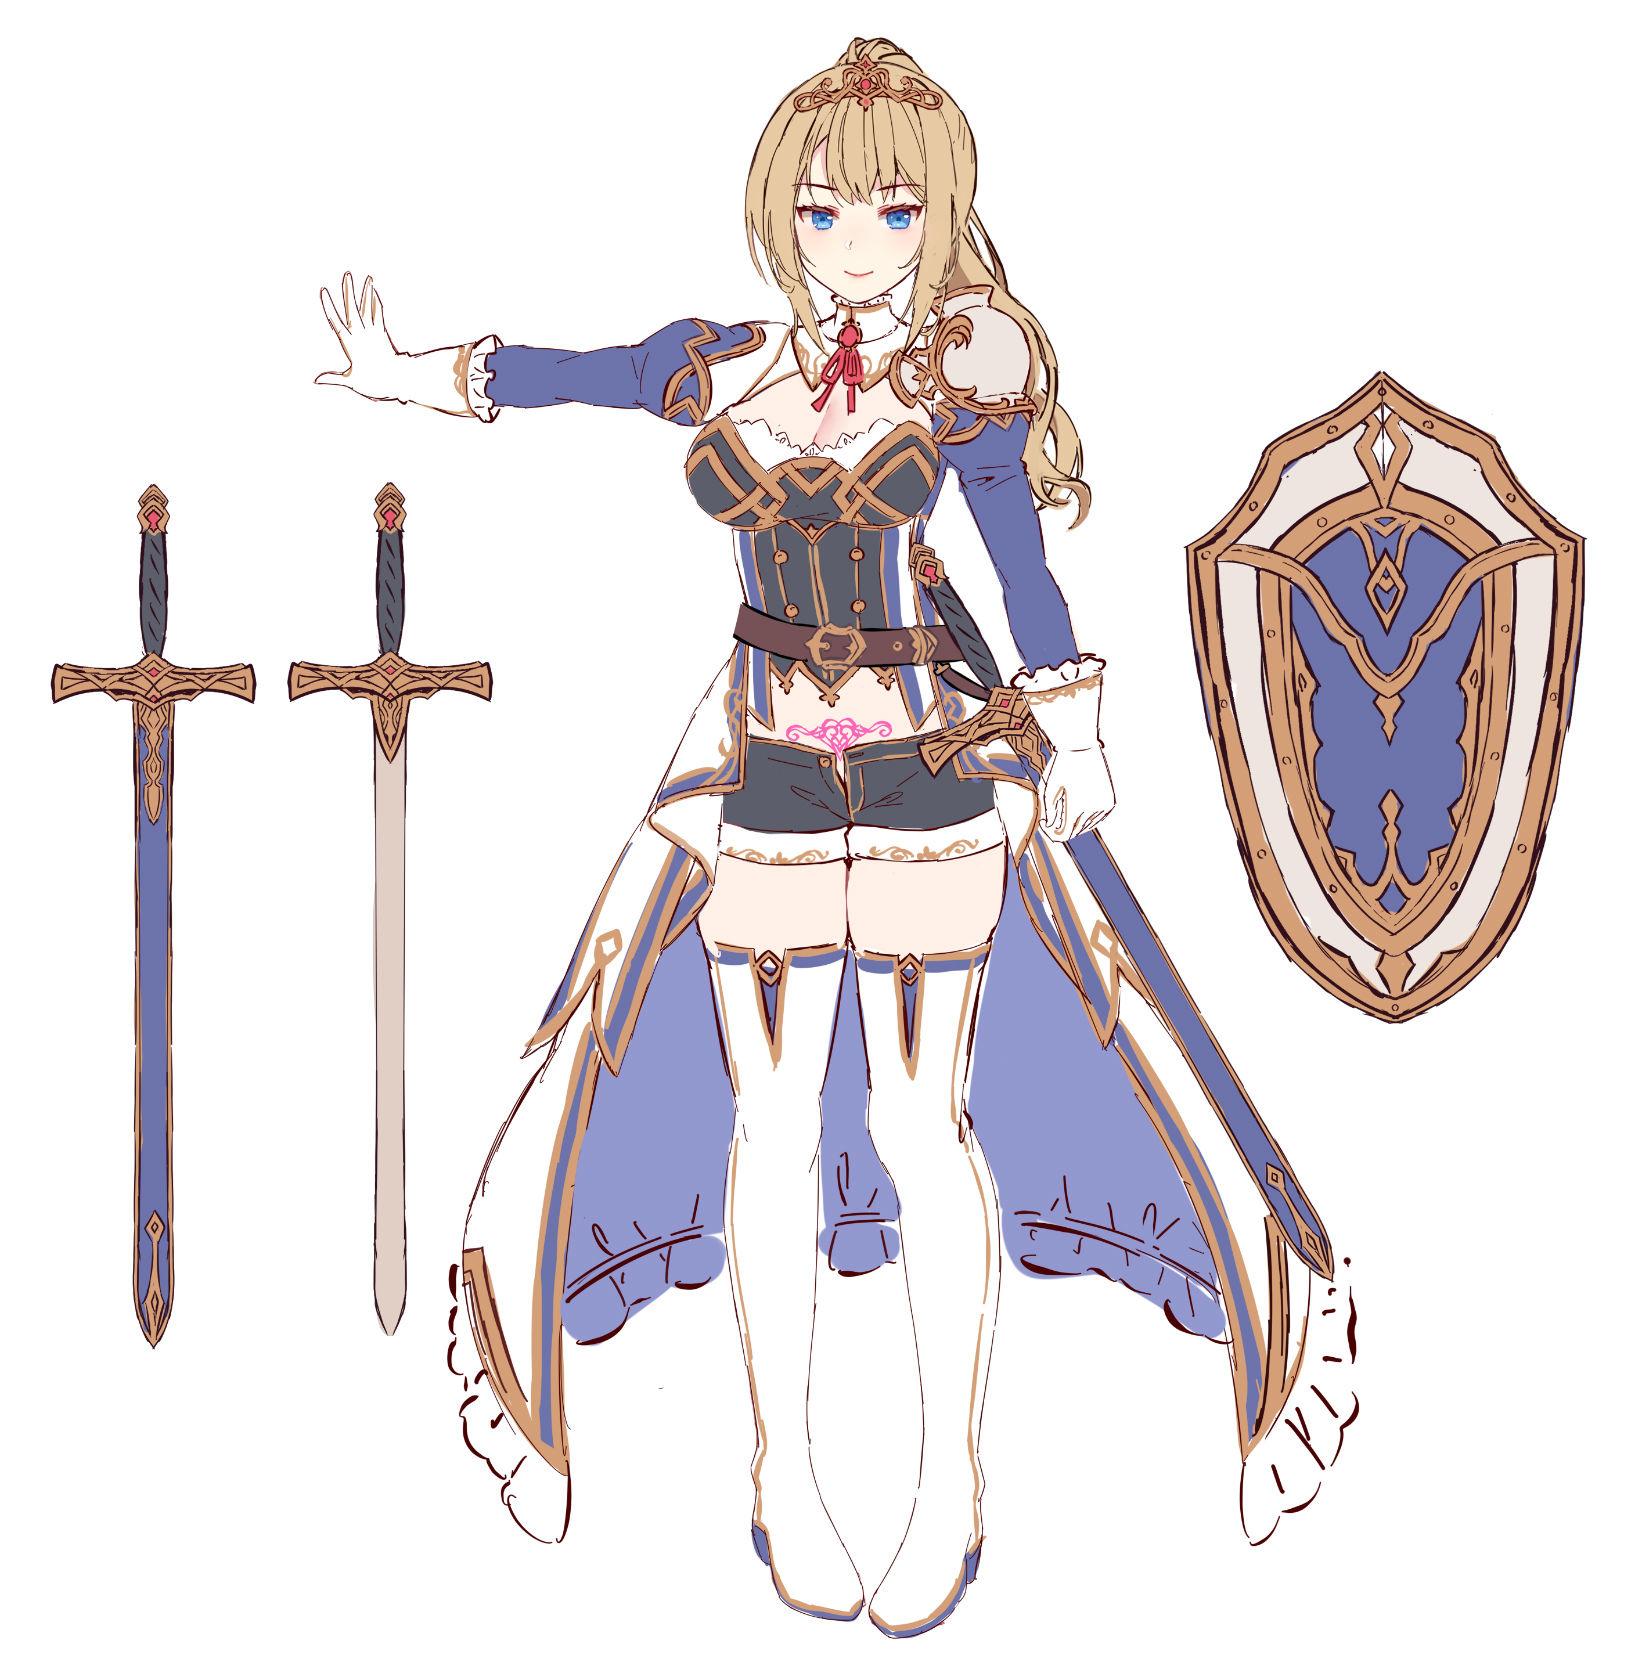 【姫騎士×淫語特化】盾持ち姫騎士の護衛搾精 過剰守られ 生オナホ奉仕任務 エロプレイ画像